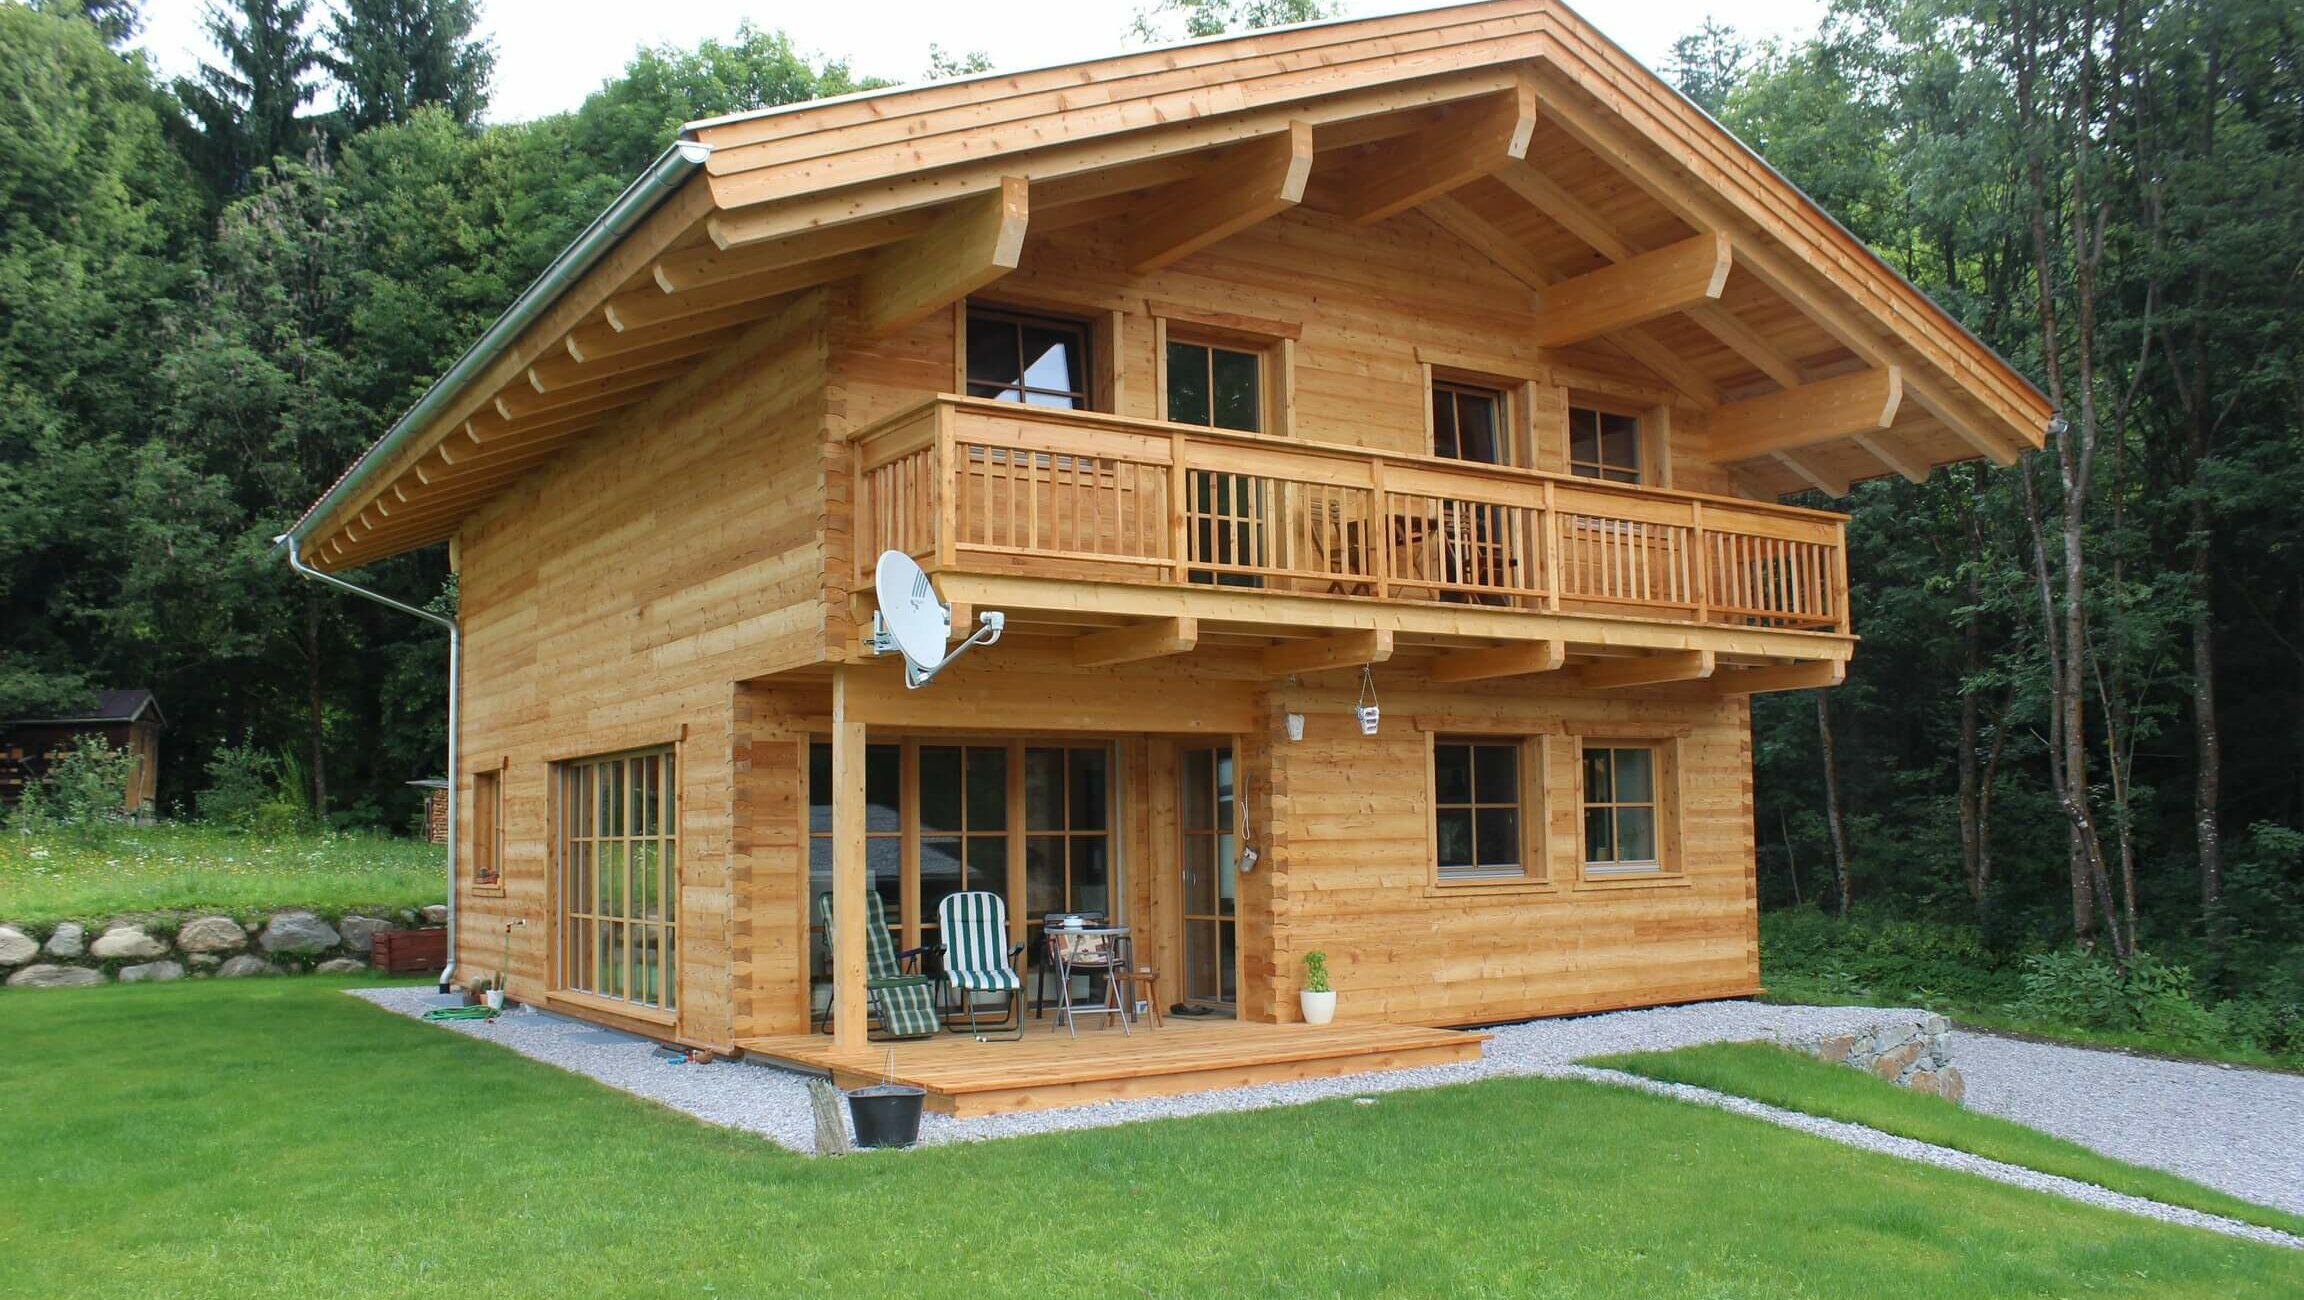 Holzbau-Unterrainer-Einfamilienhaus-01-08